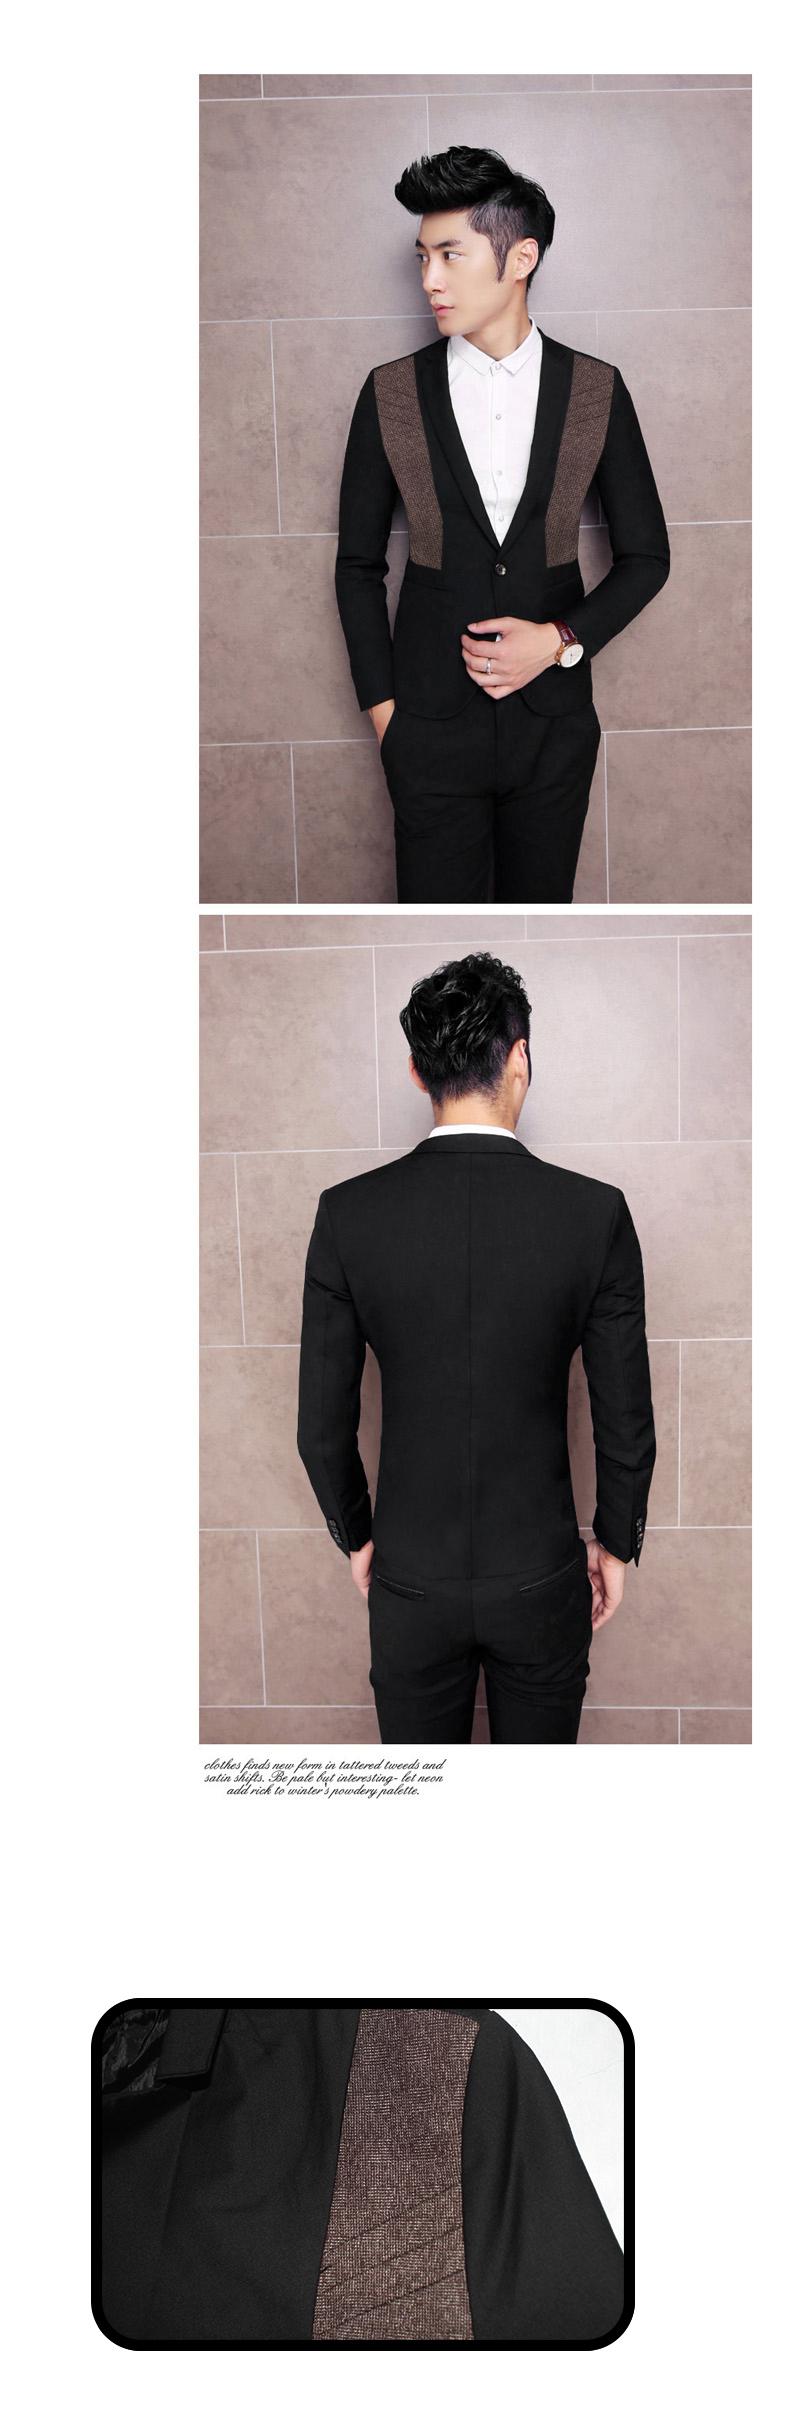 Áo vest thời trang đen av2l1044 - 1